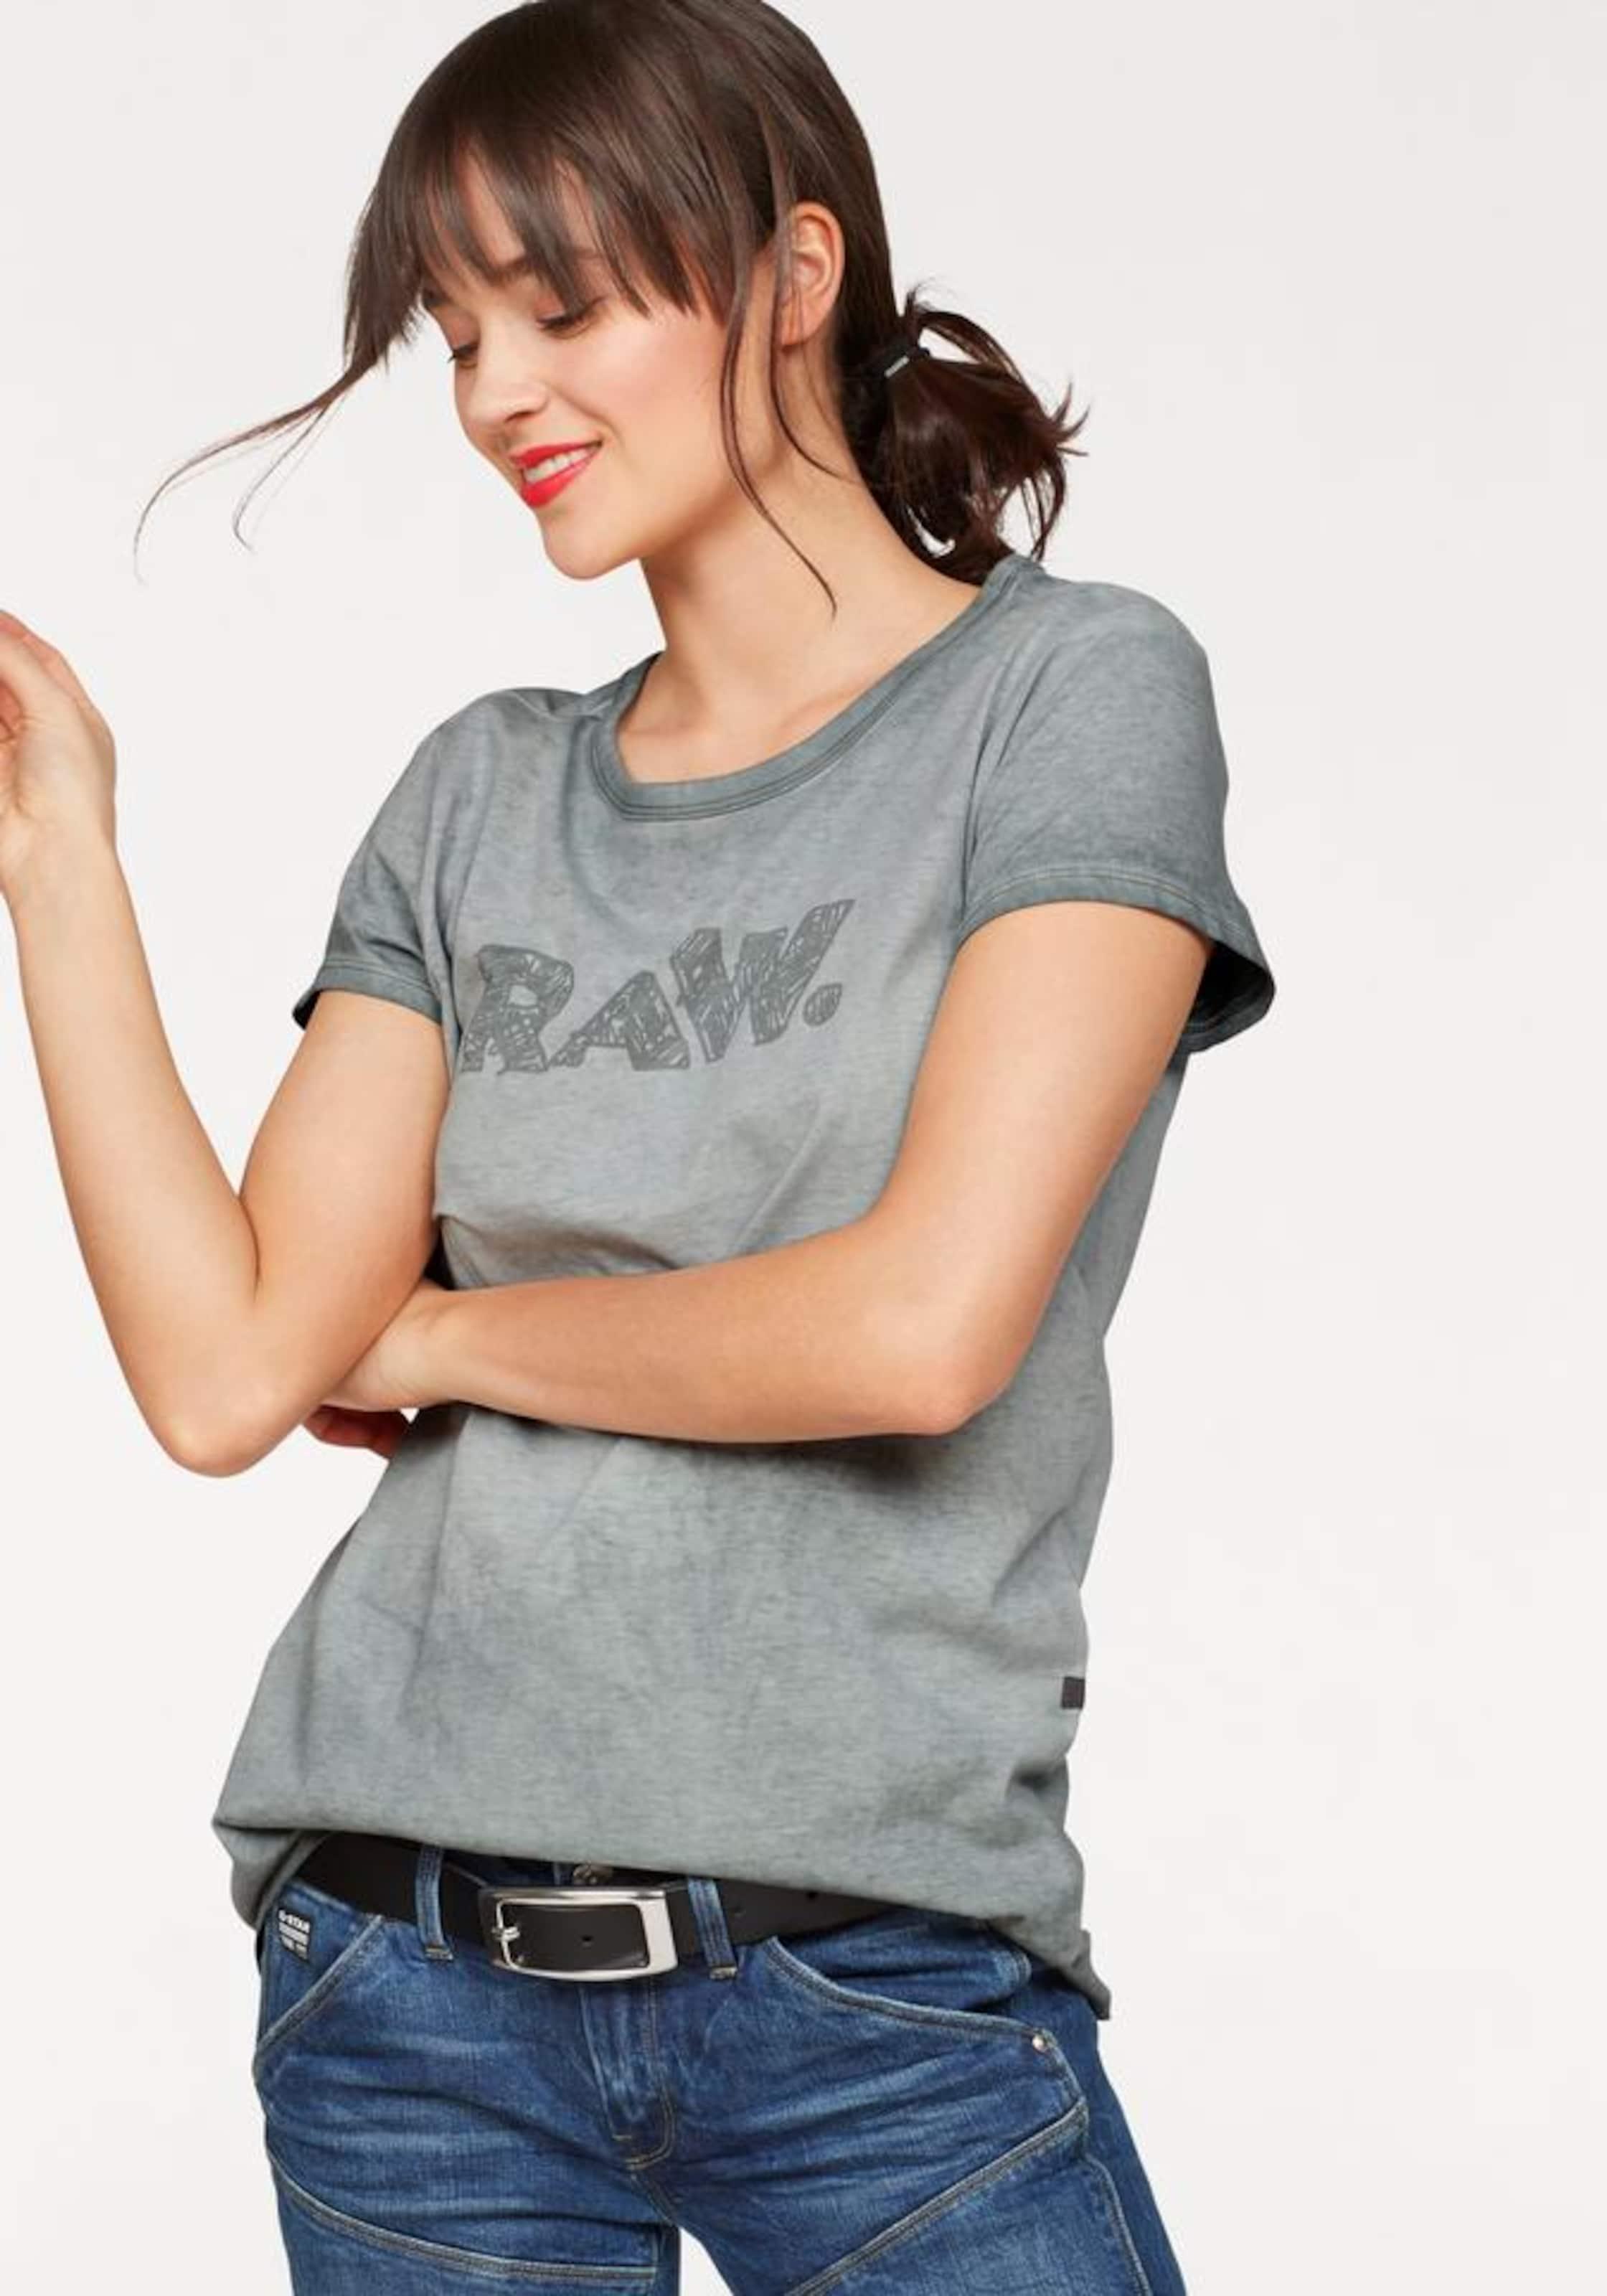 G-STAR RAW Rundhalsshirt 'Epzin' Schnelle Lieferung Verkauf Online rU9VE13